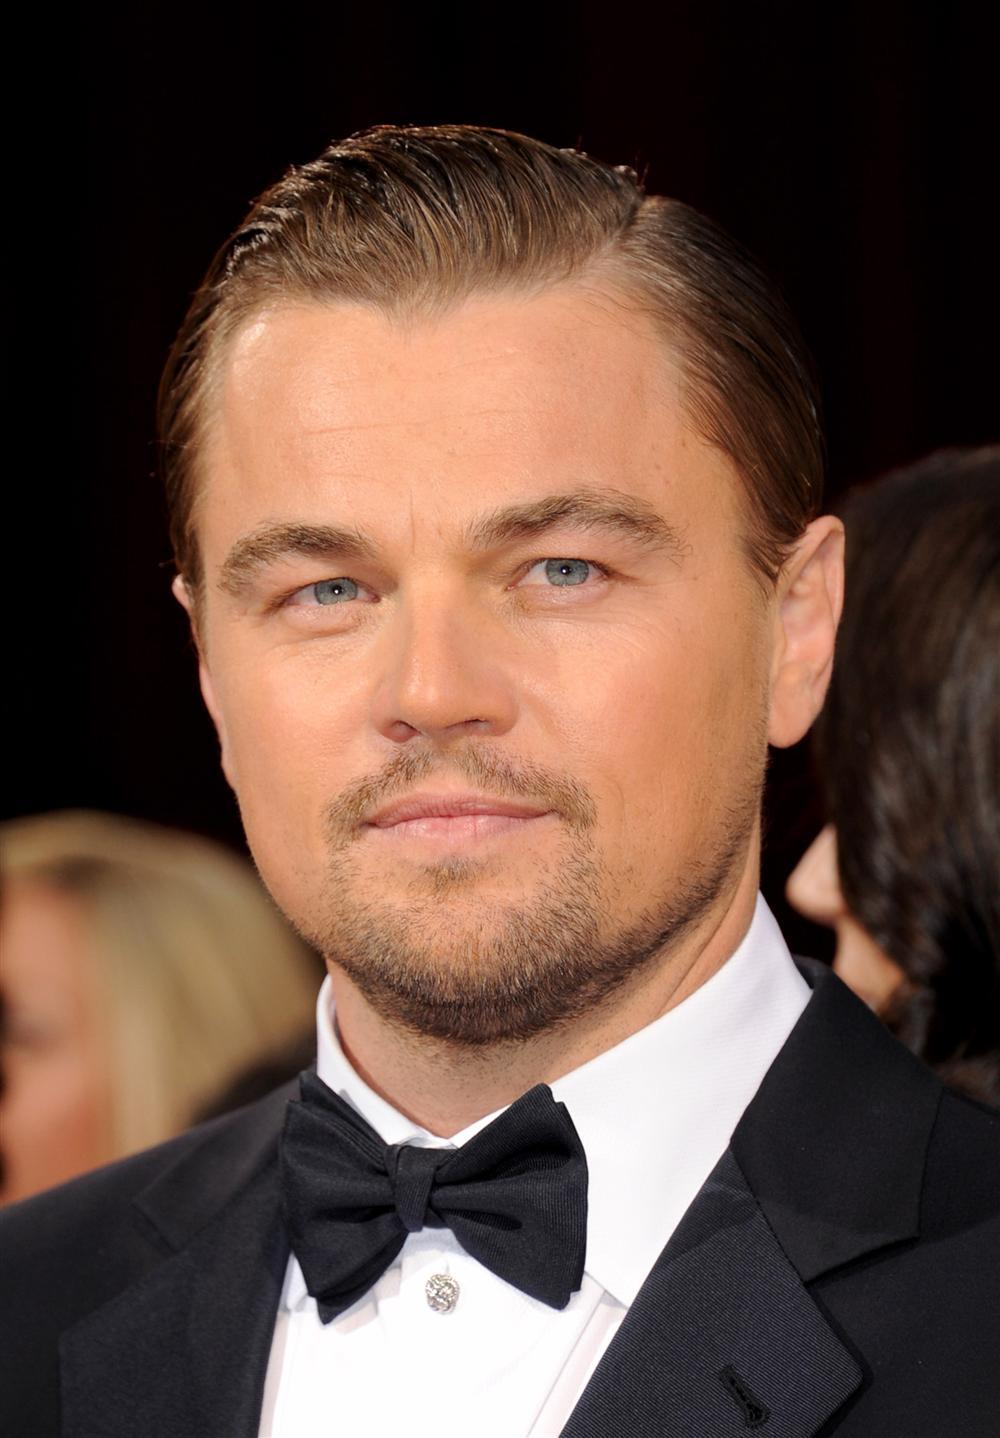 Leonardo-Dicaprio-actor